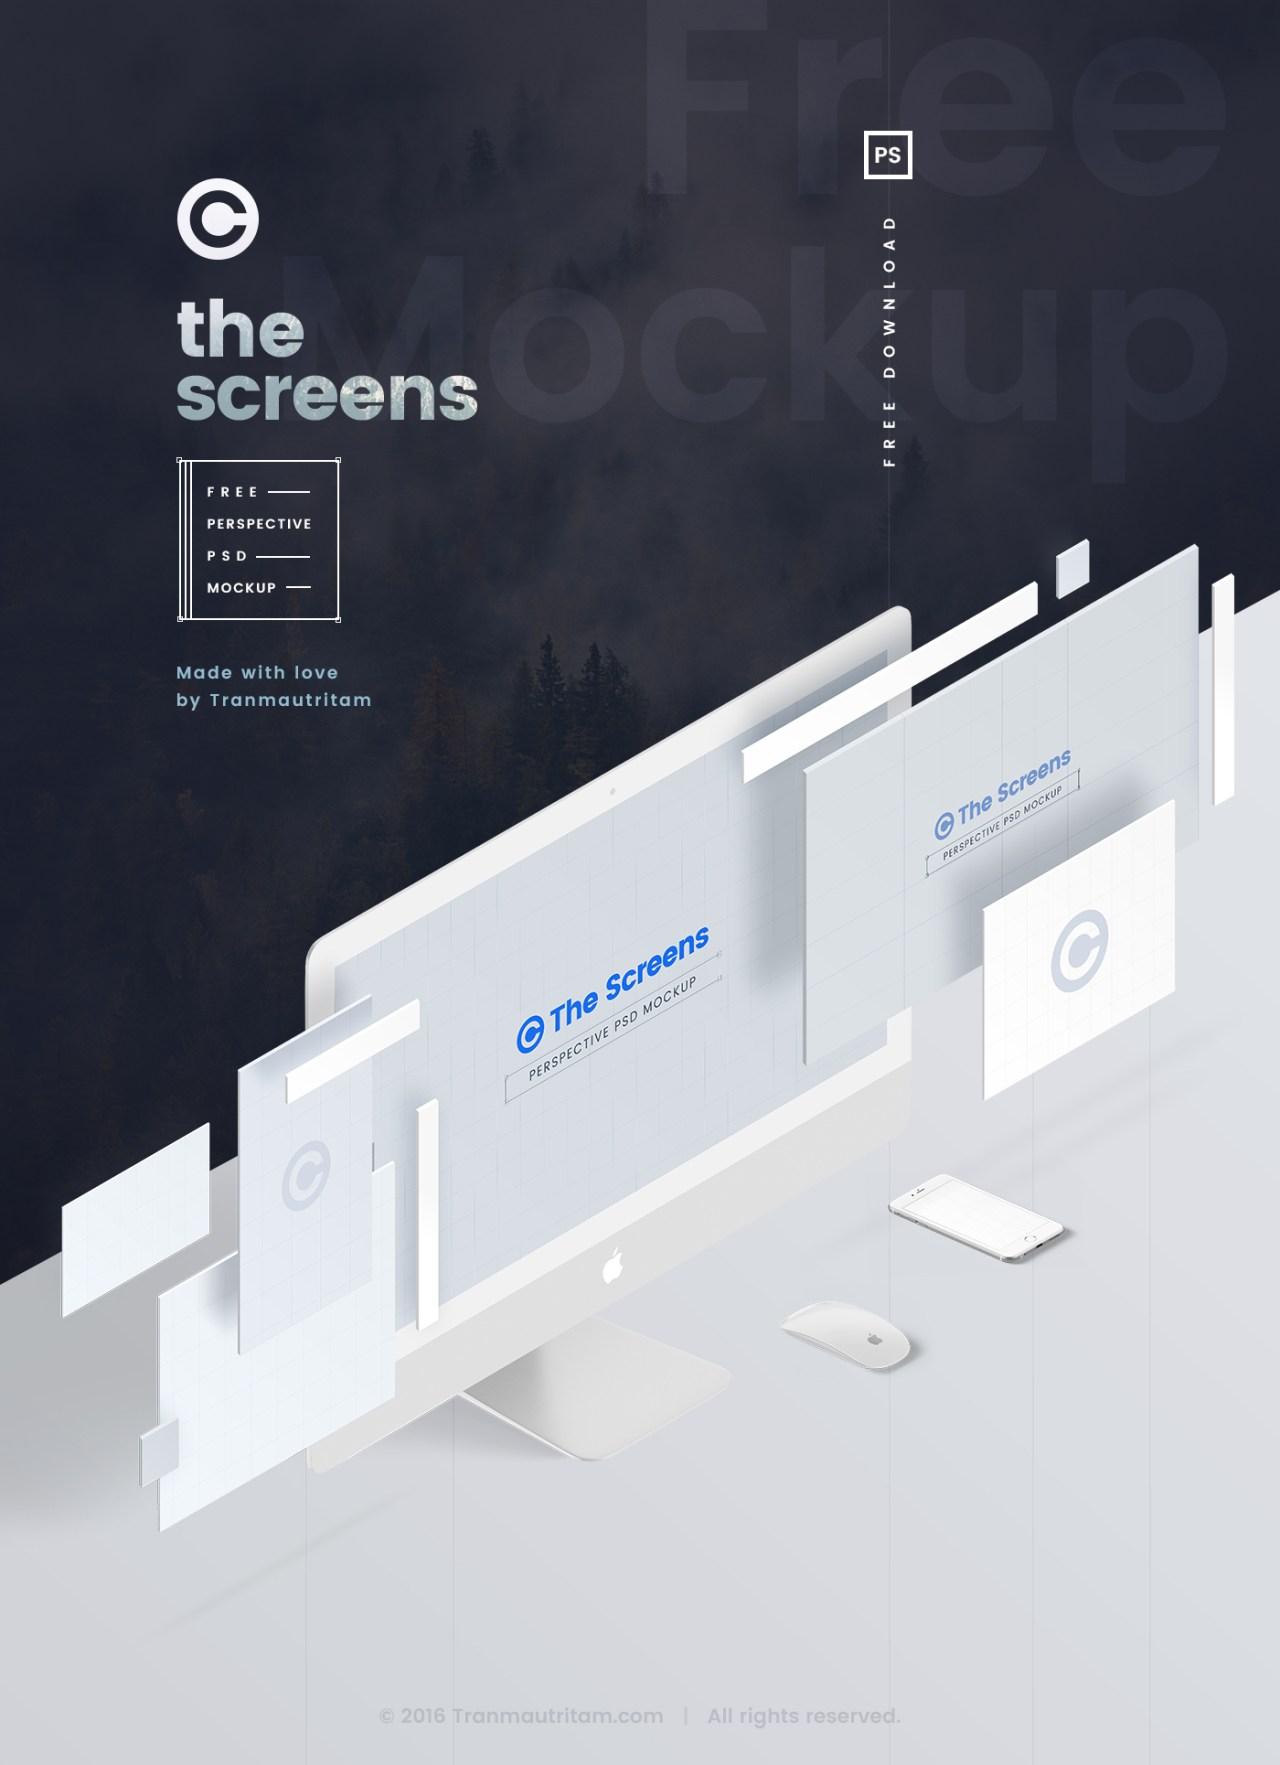 Бесплатные PSD мокапы в перспективе для презентации веб-проектов